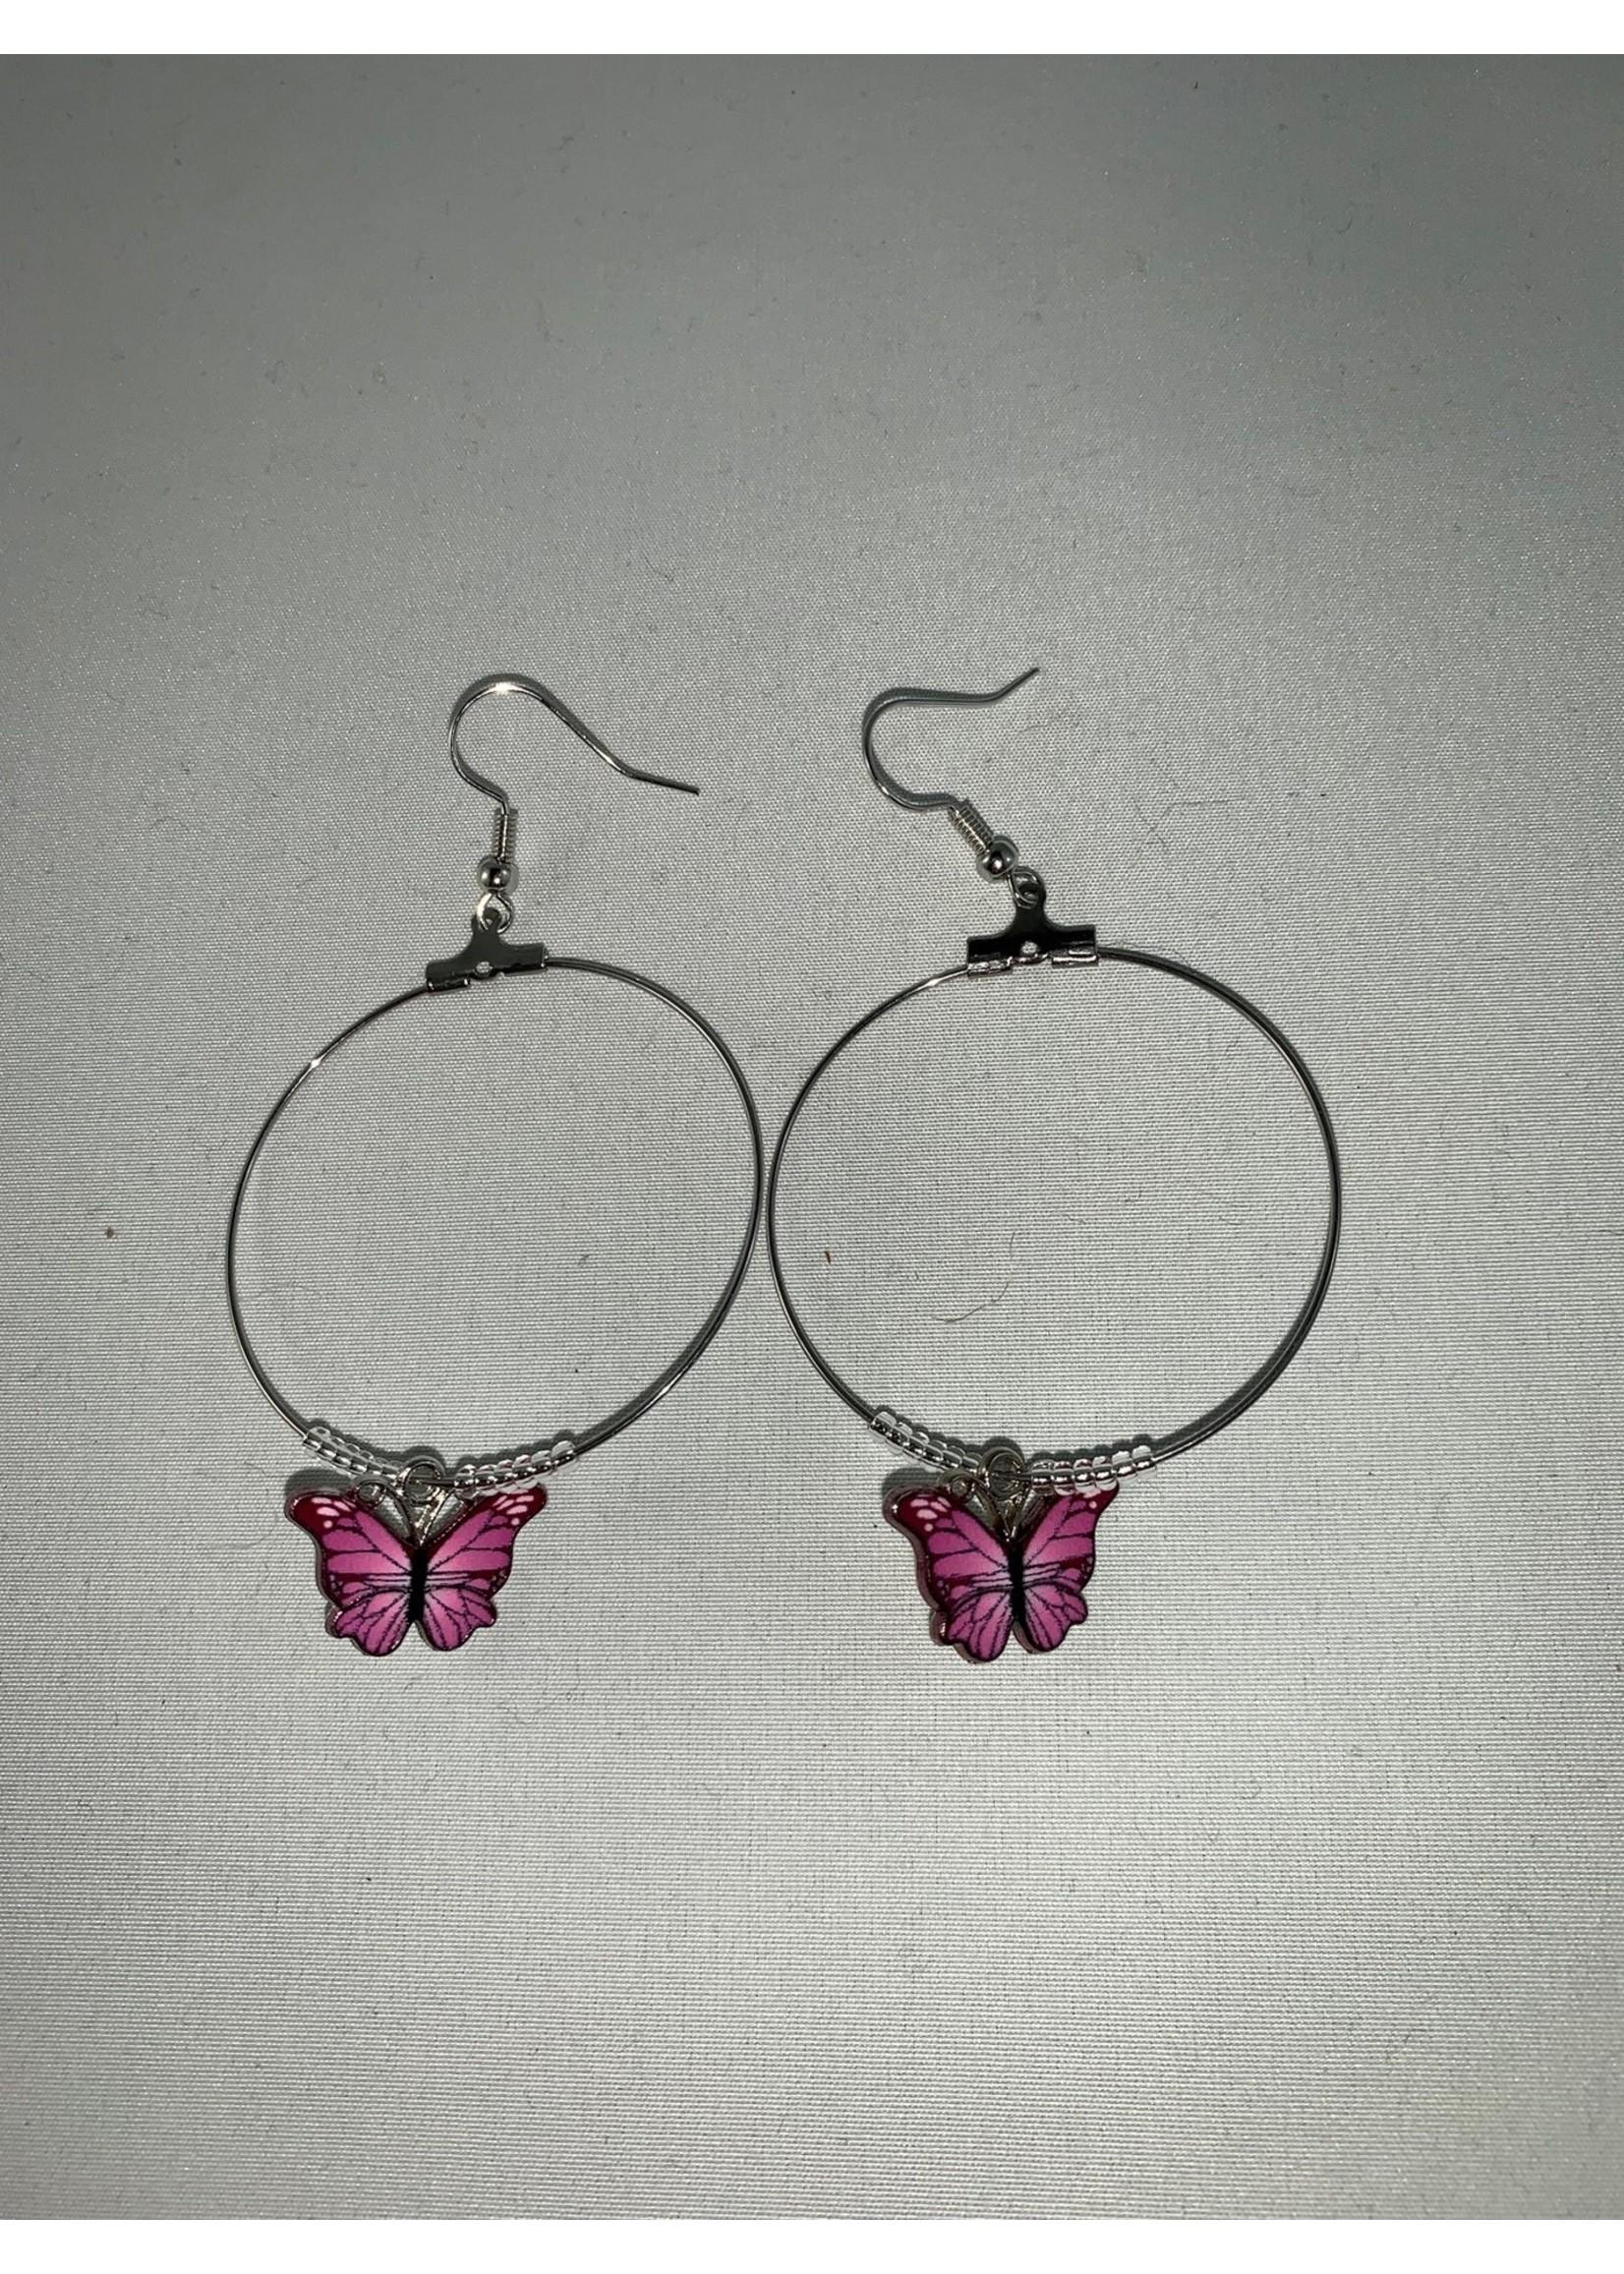 Large Hoop Earrings Pink and Black Butterflies